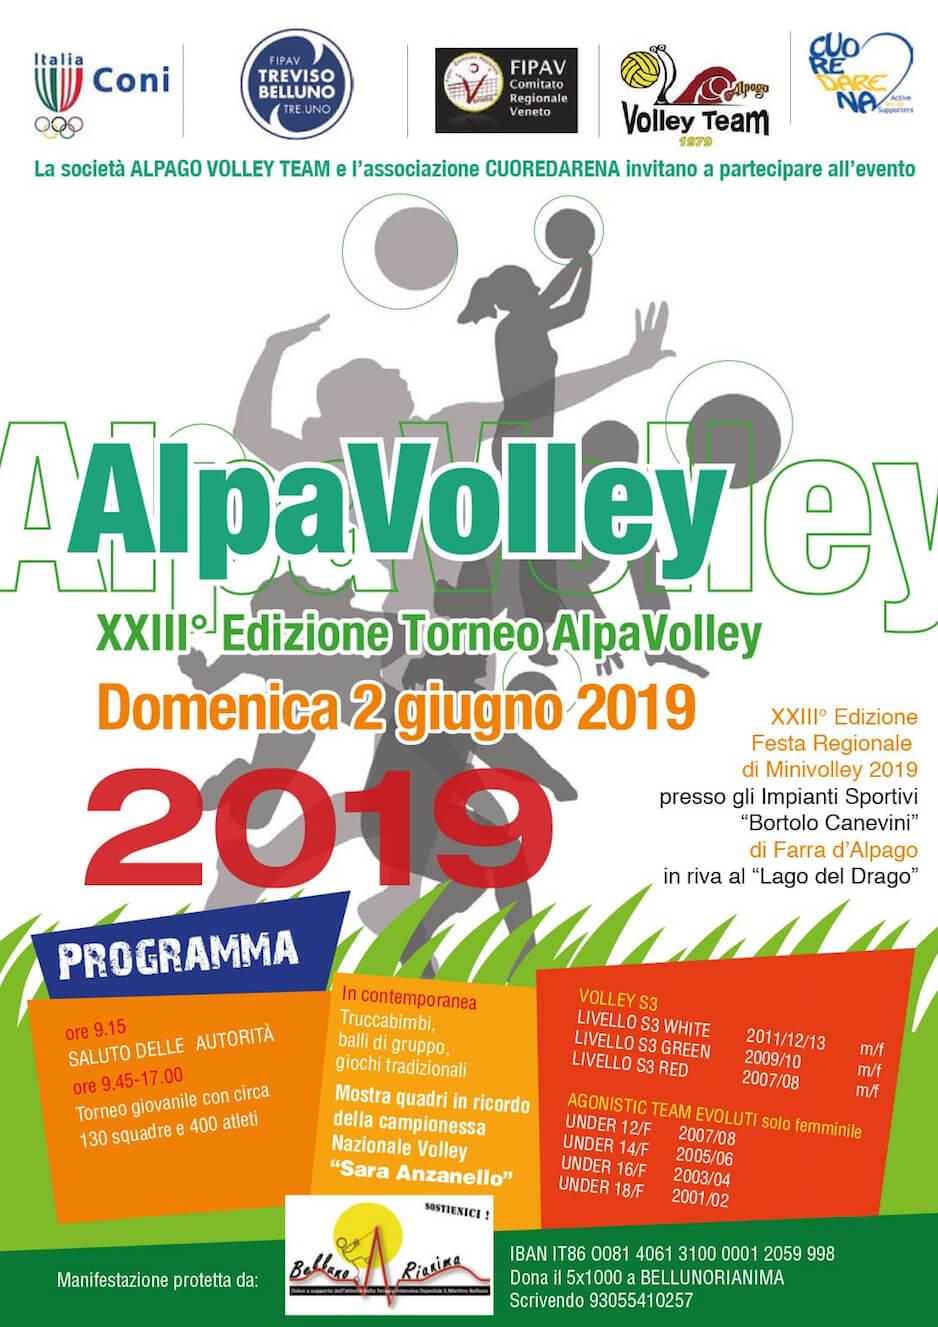 Fipav Veneto Calendario.Alpavolley 2019 Associazione Sportiva Dilettantistica